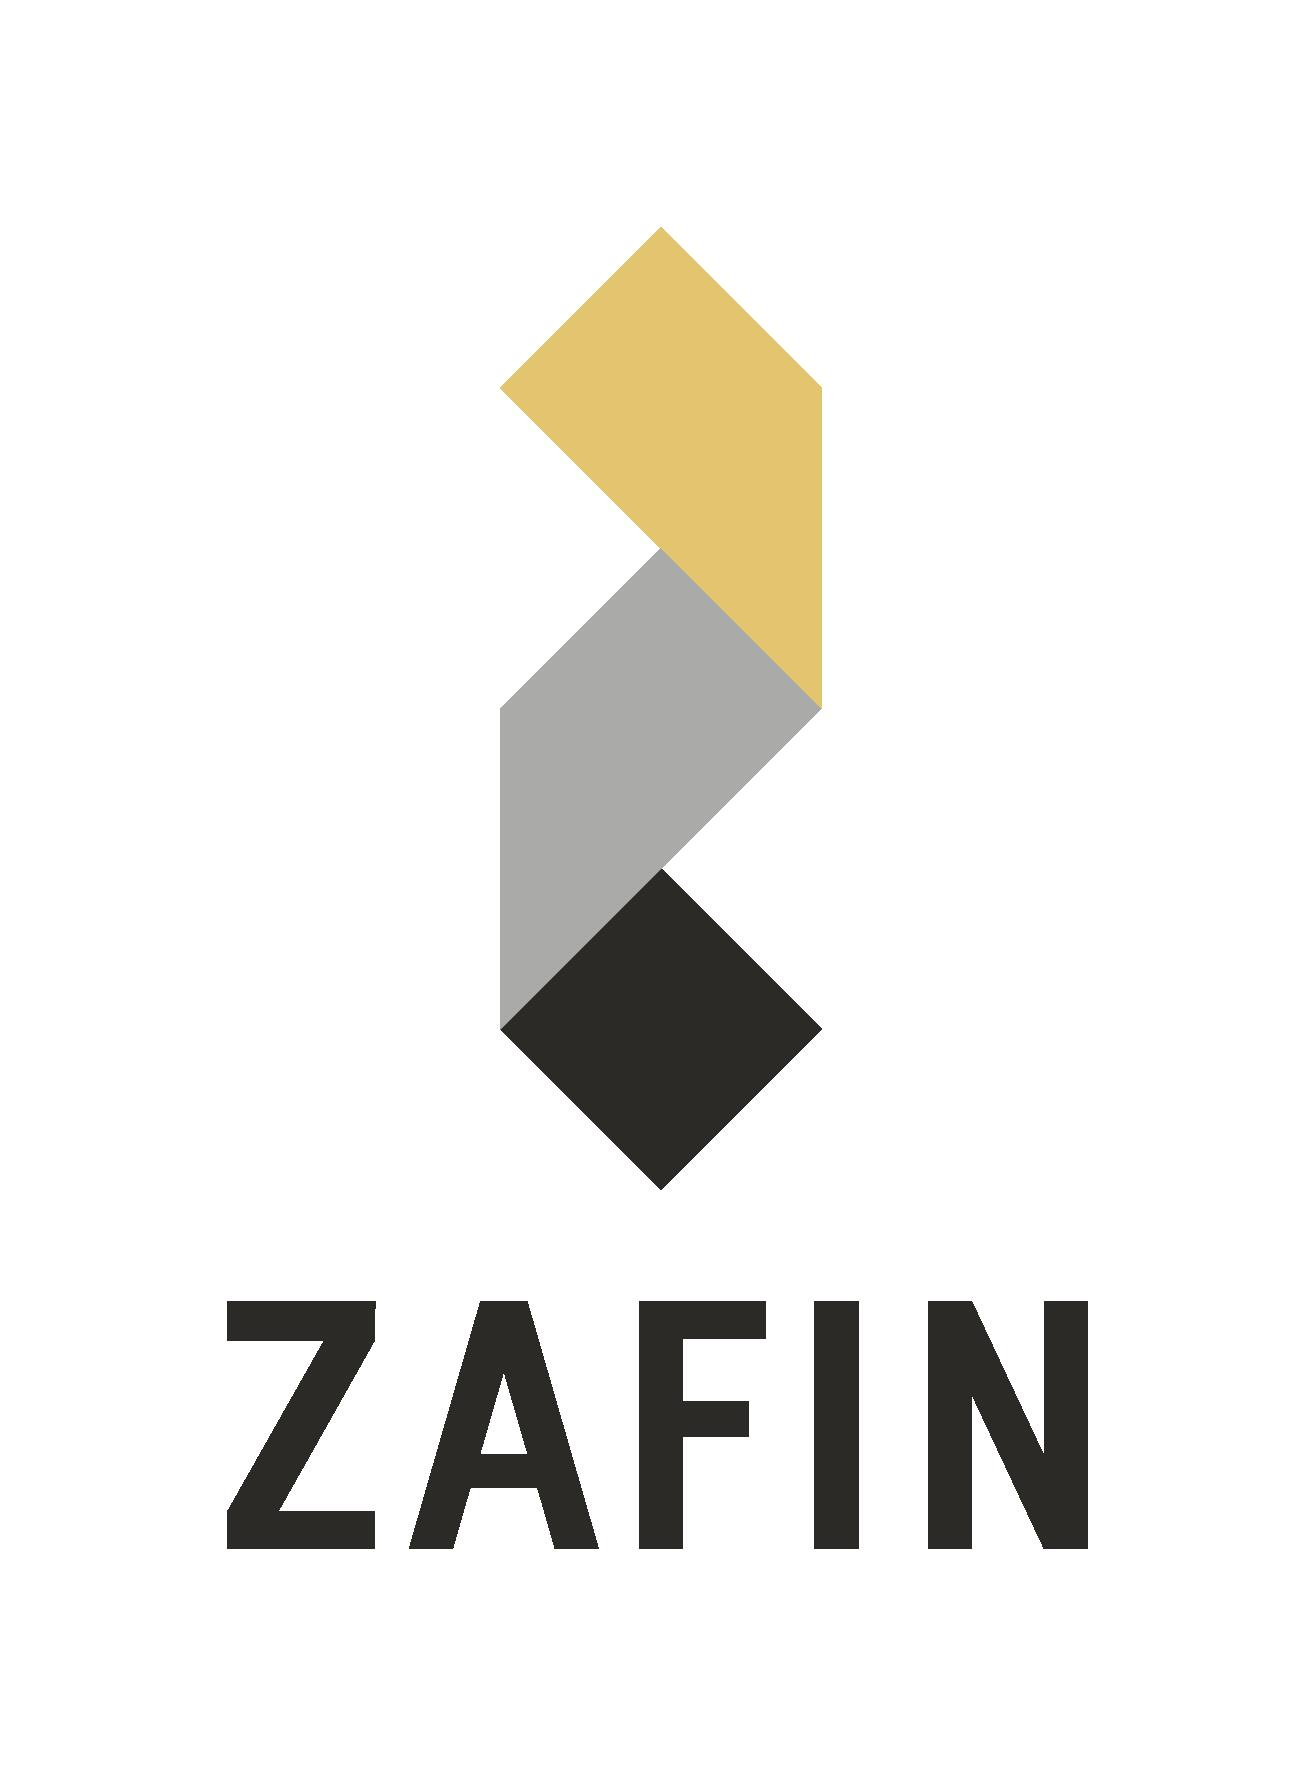 Zafin